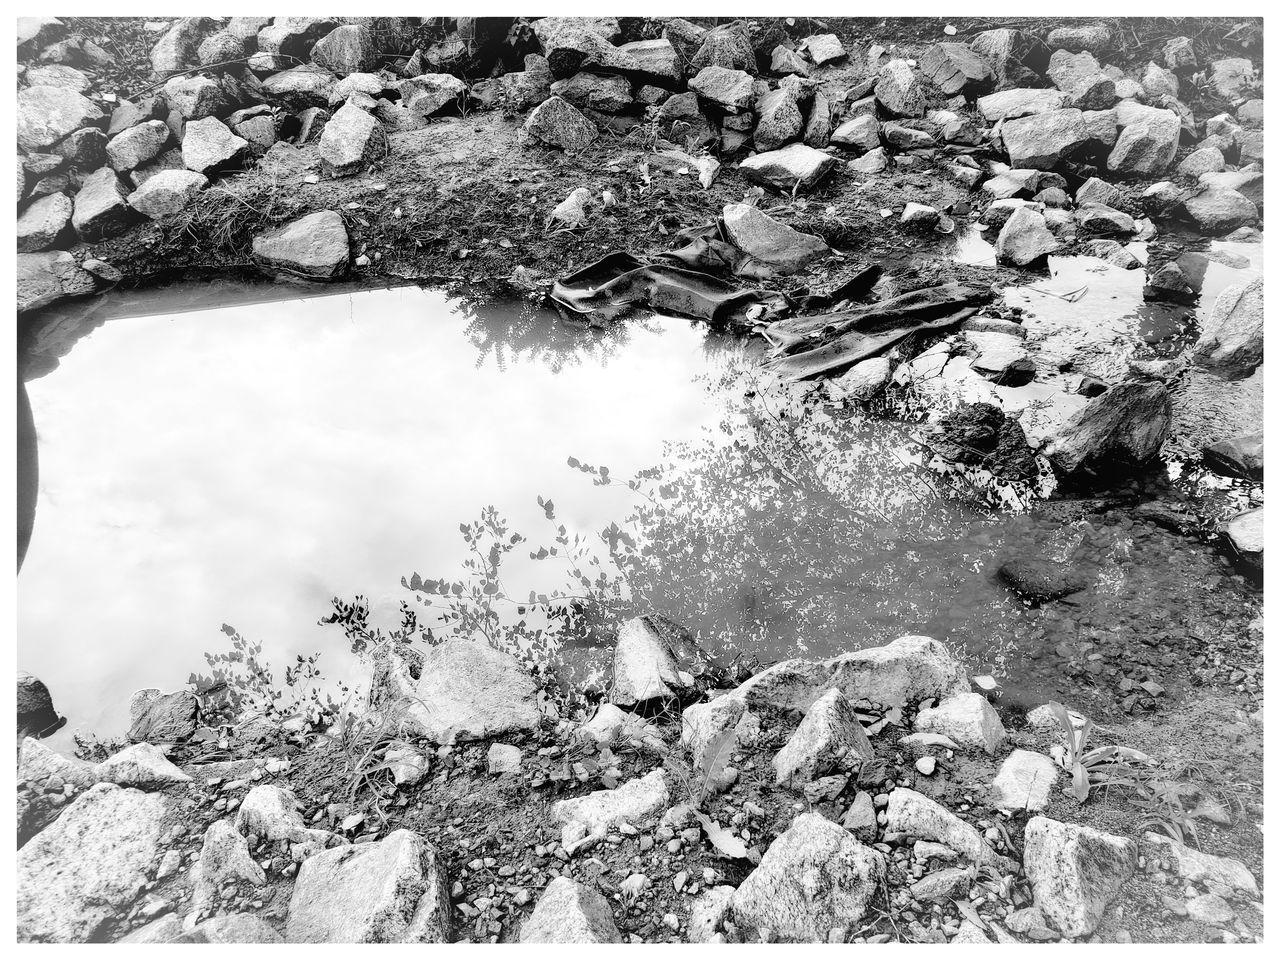 HIGH ANGLE VIEW OF LAKE WITH ROCKS